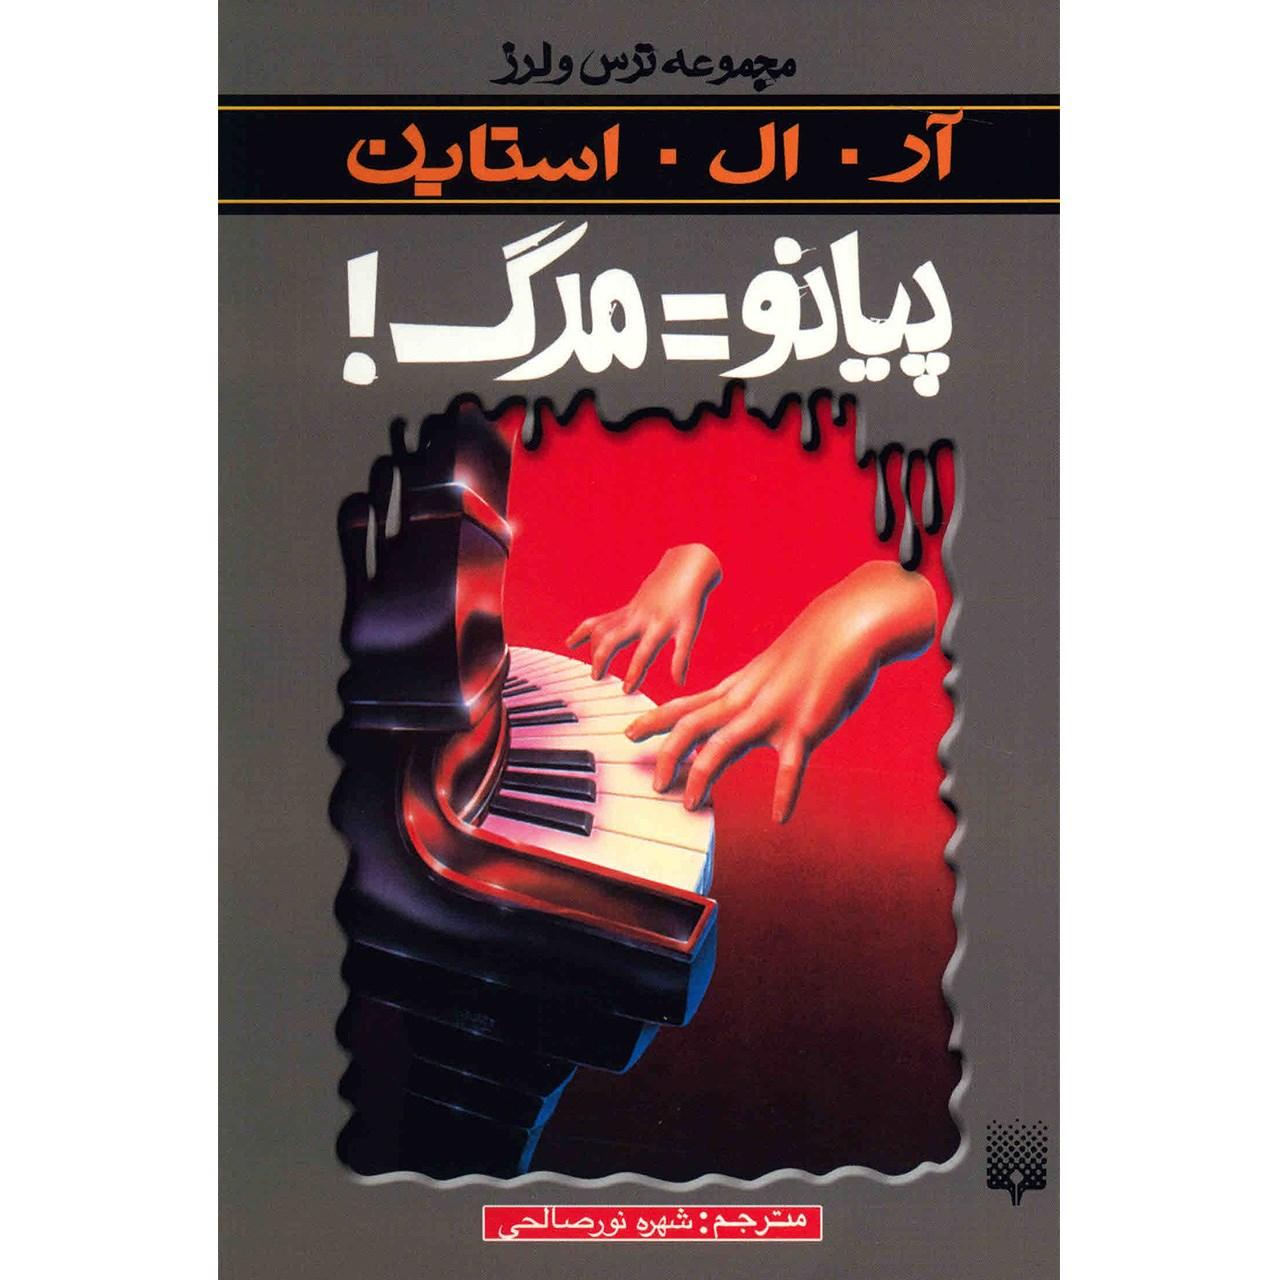 خرید                      کتاب پیانو - مرگ اثر آر. ال. استاین